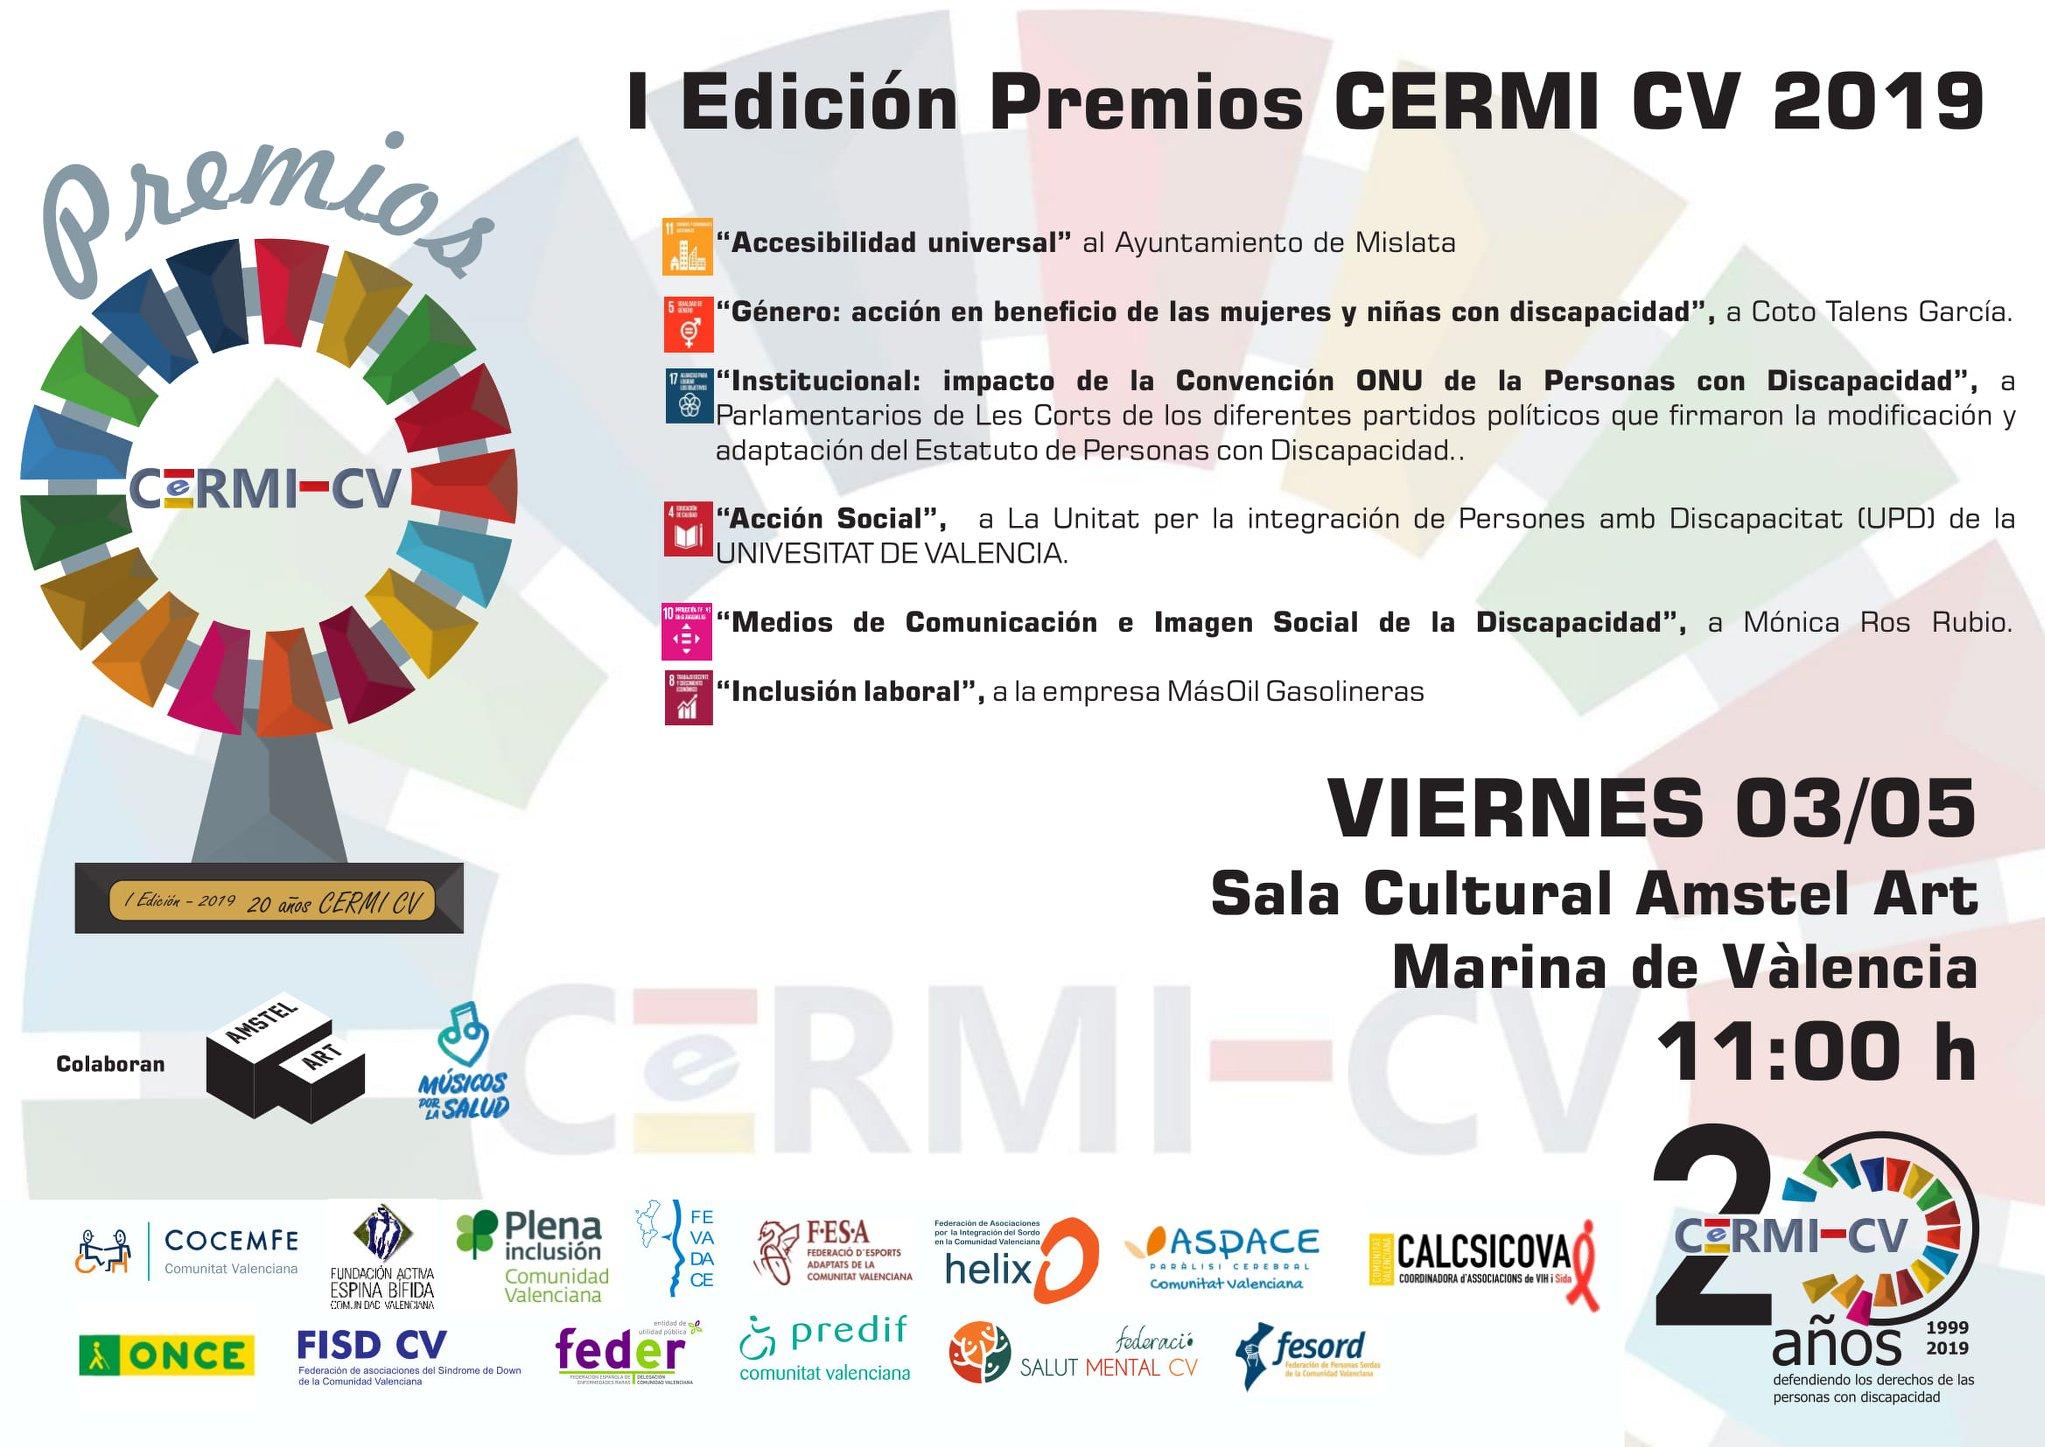 Cartel con los premios CERMI CV y la fecha de su entrega